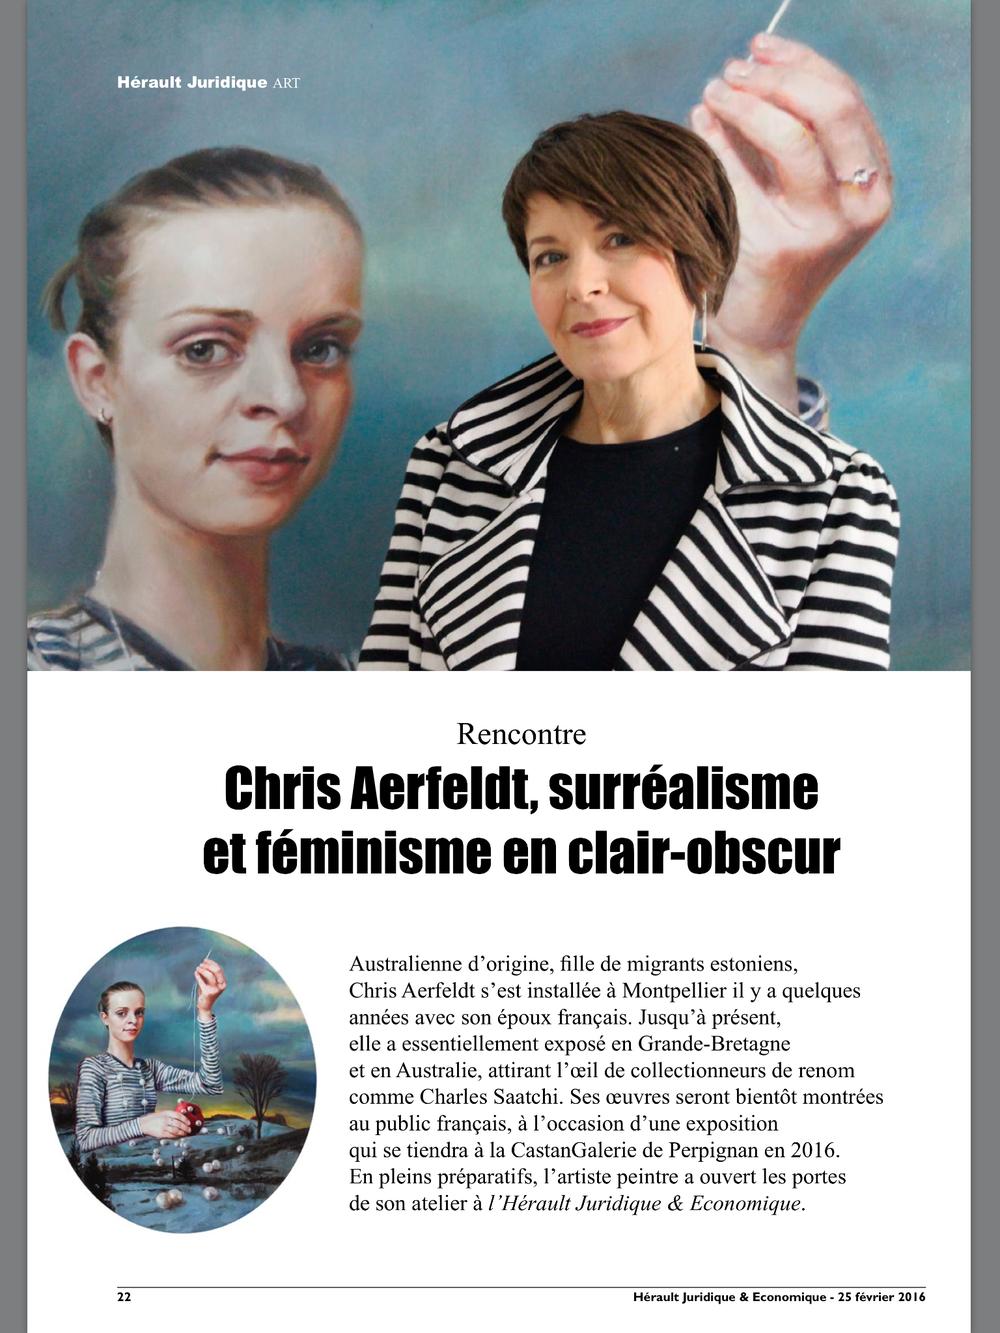 Aerfeldt_Surrealism_ et_feminisme_en_clair_obscur_Herault_Juridique_fevrier_2016.PNG